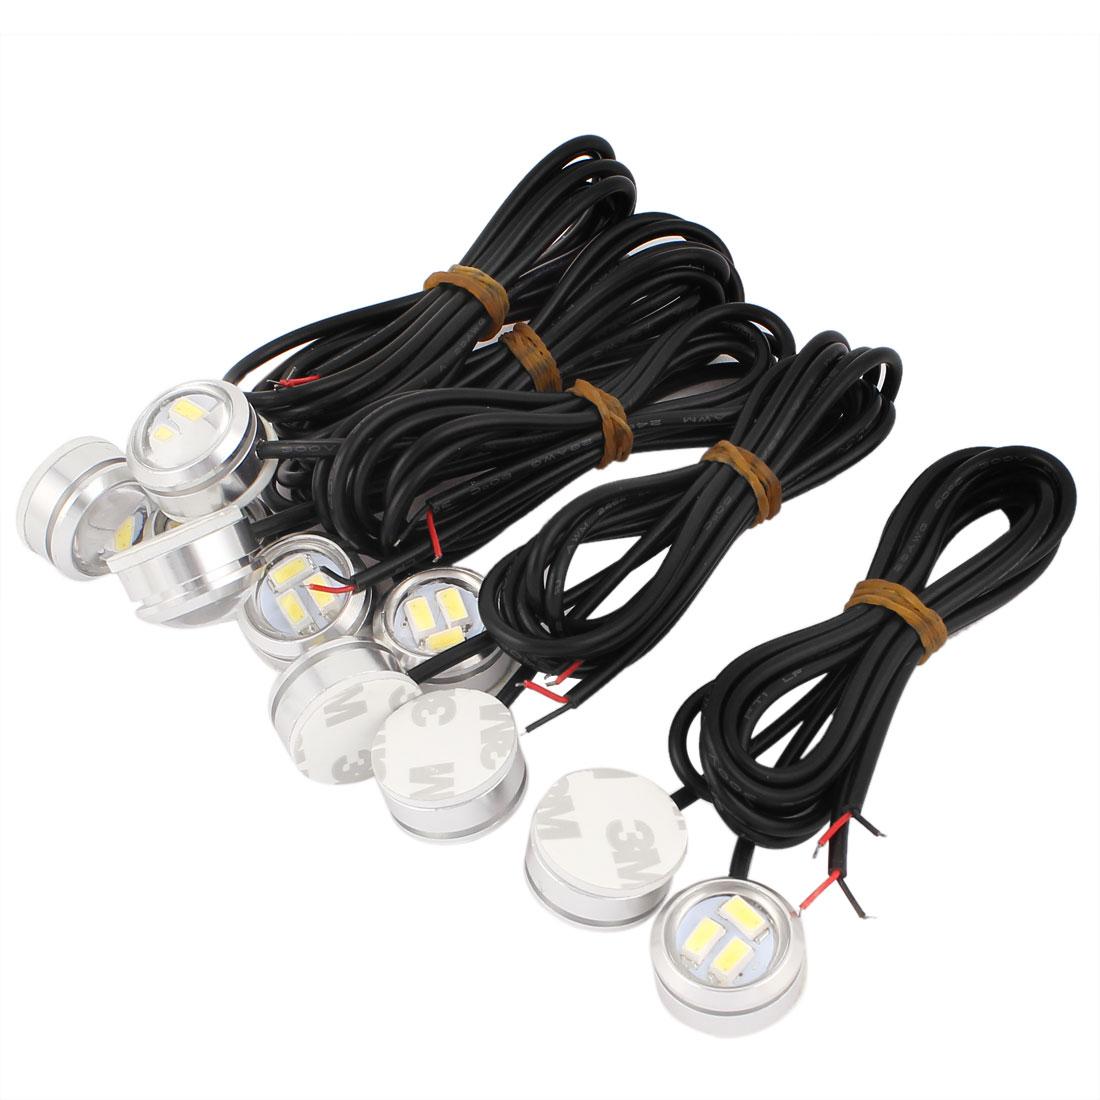 10 Pcs White 5630 SMD 3 LED Car Eagle Eye Rear Daytime Running Reversing Lights Tail Lamps DC 12V